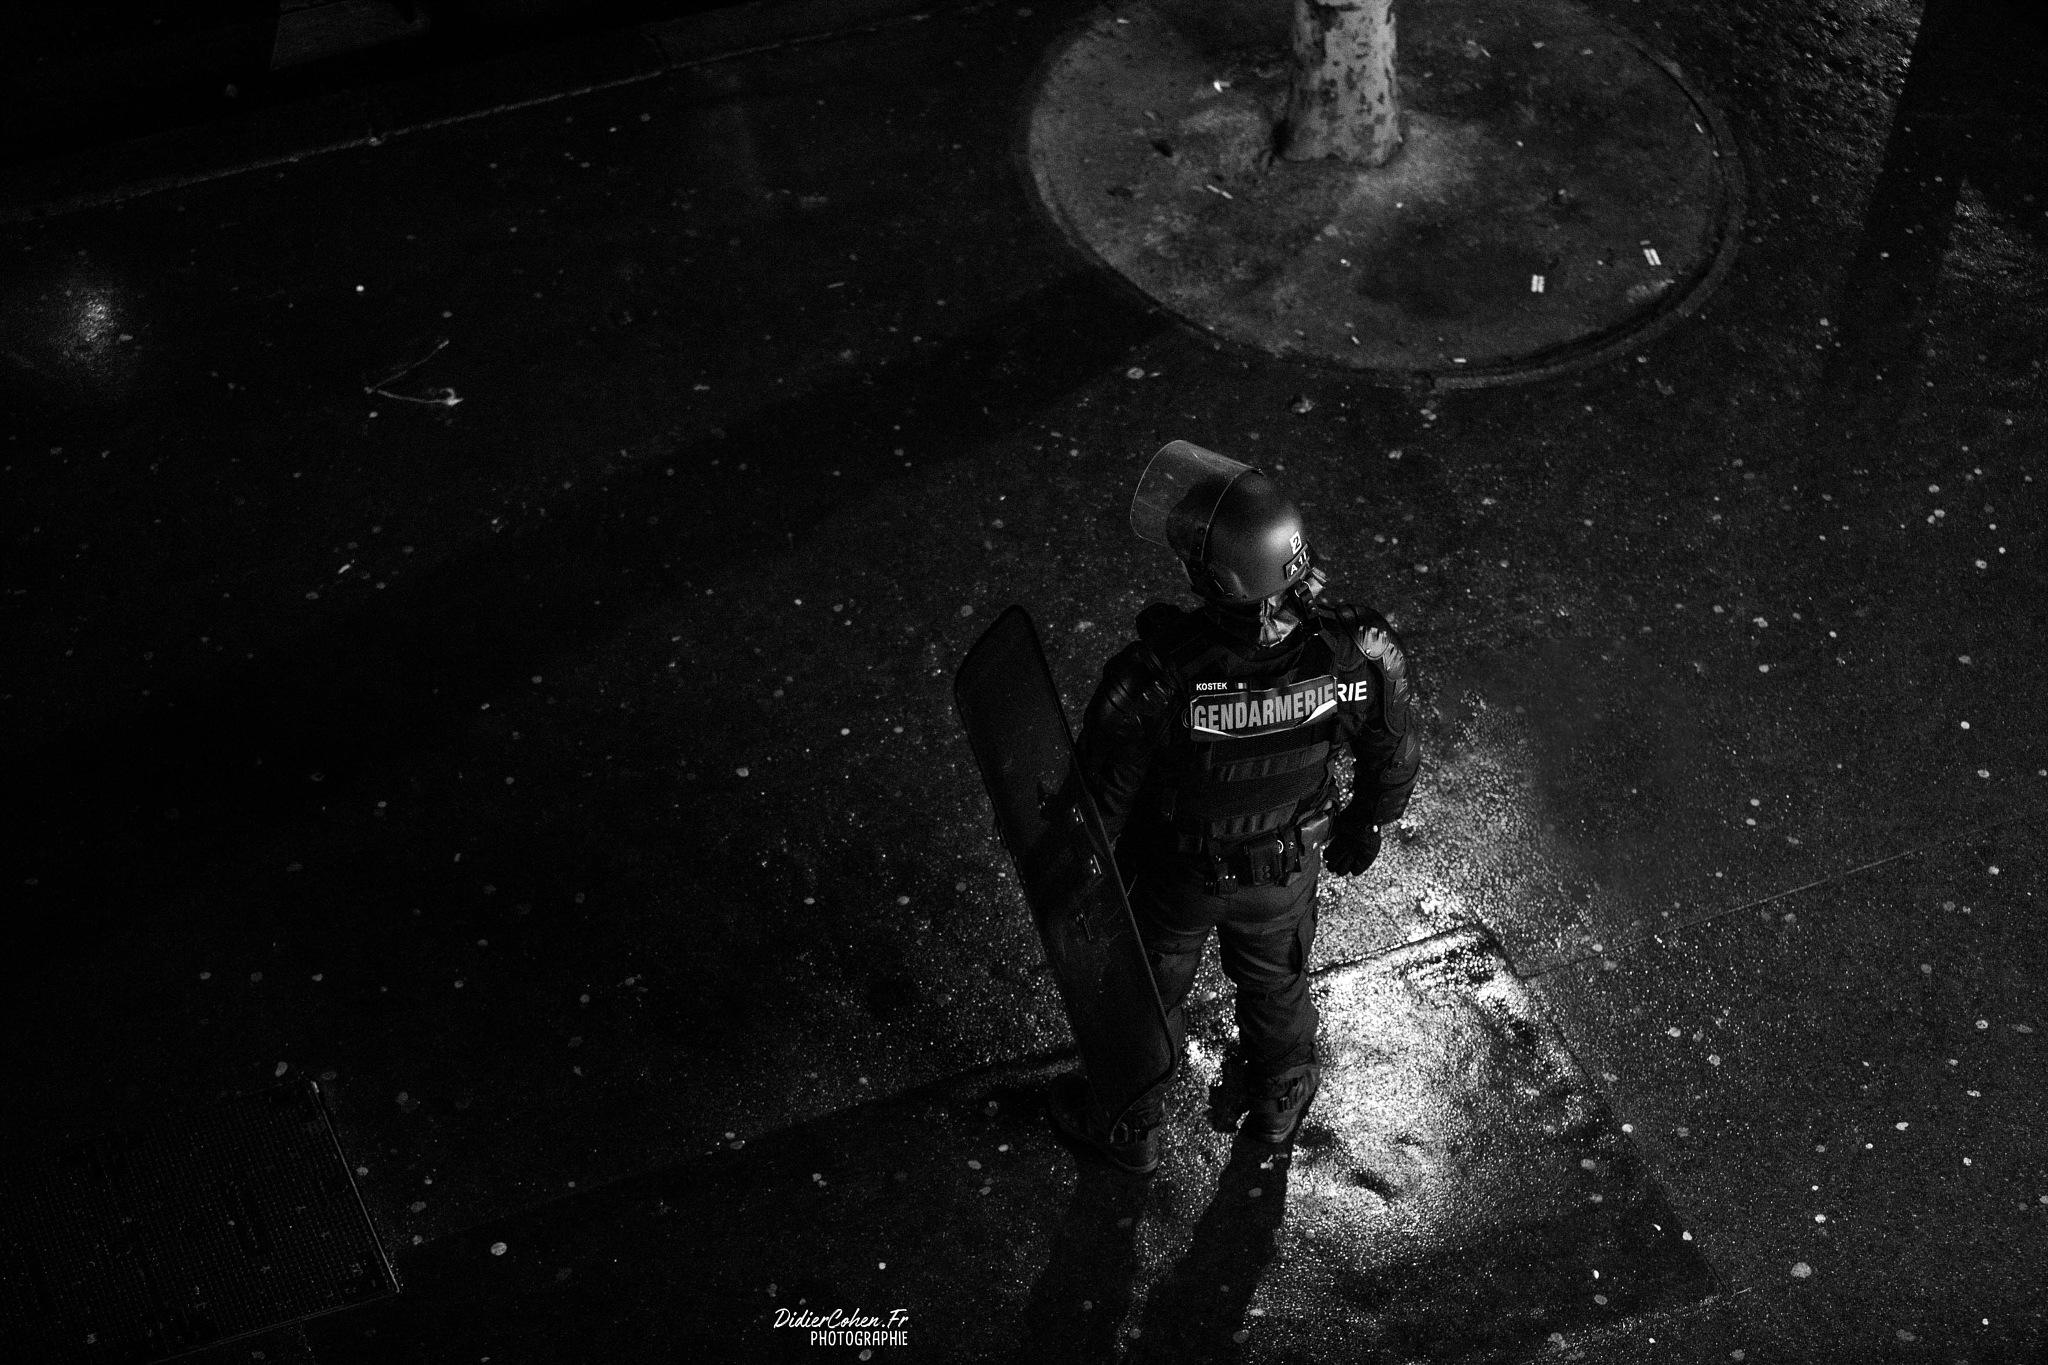 Paris Incidents Place de la République by Didier Cohen